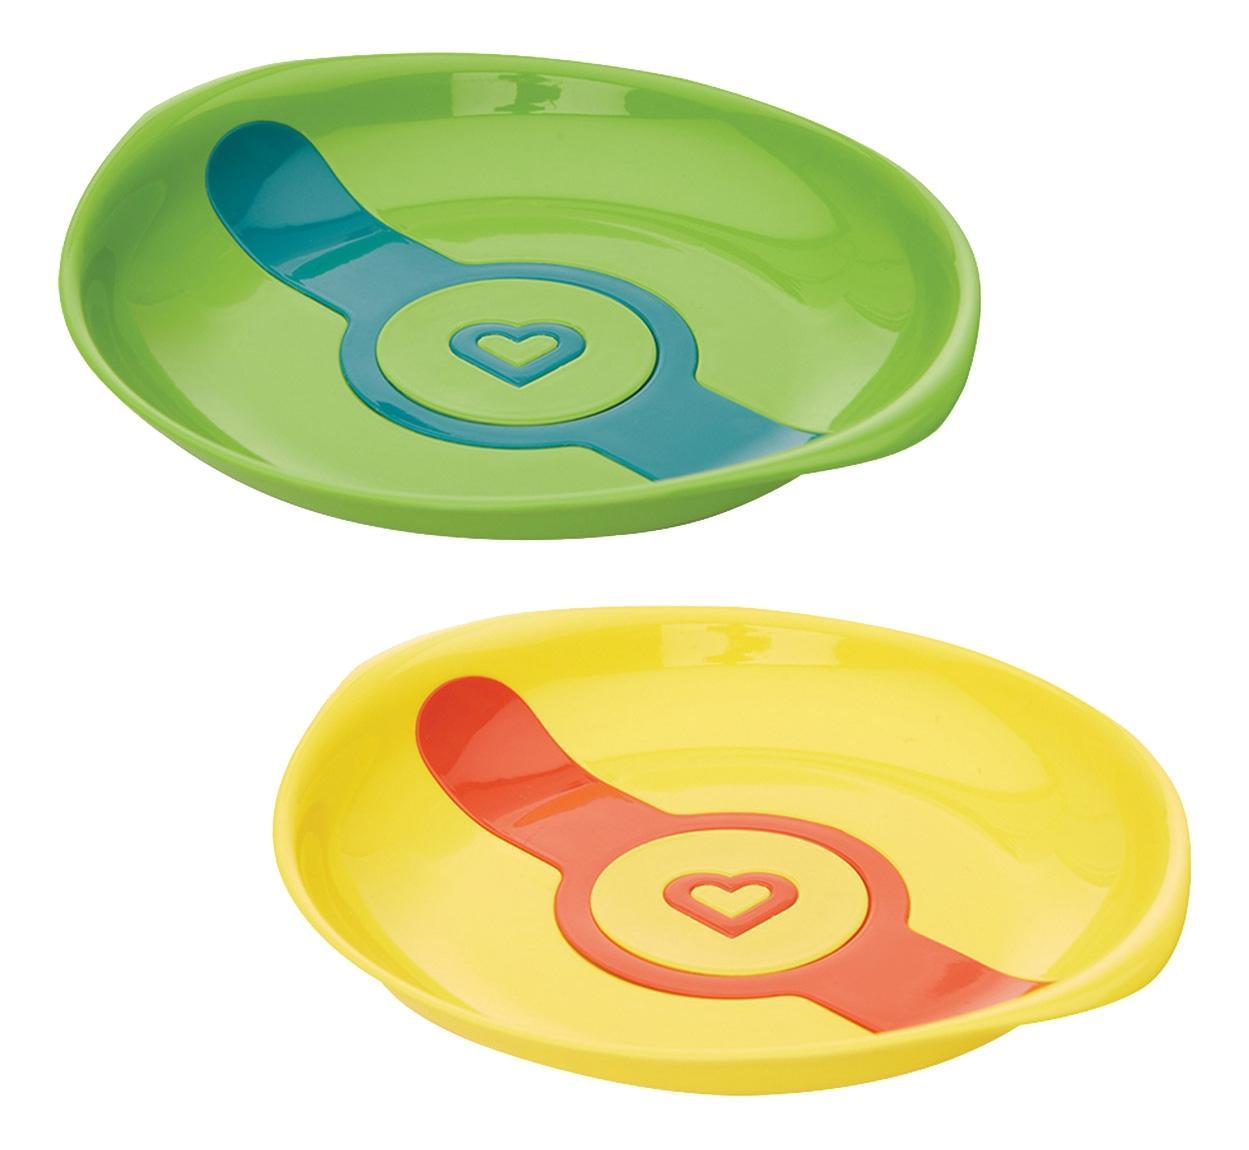 Купить Тарелка детская Munchkin White Hot, Детские тарелки